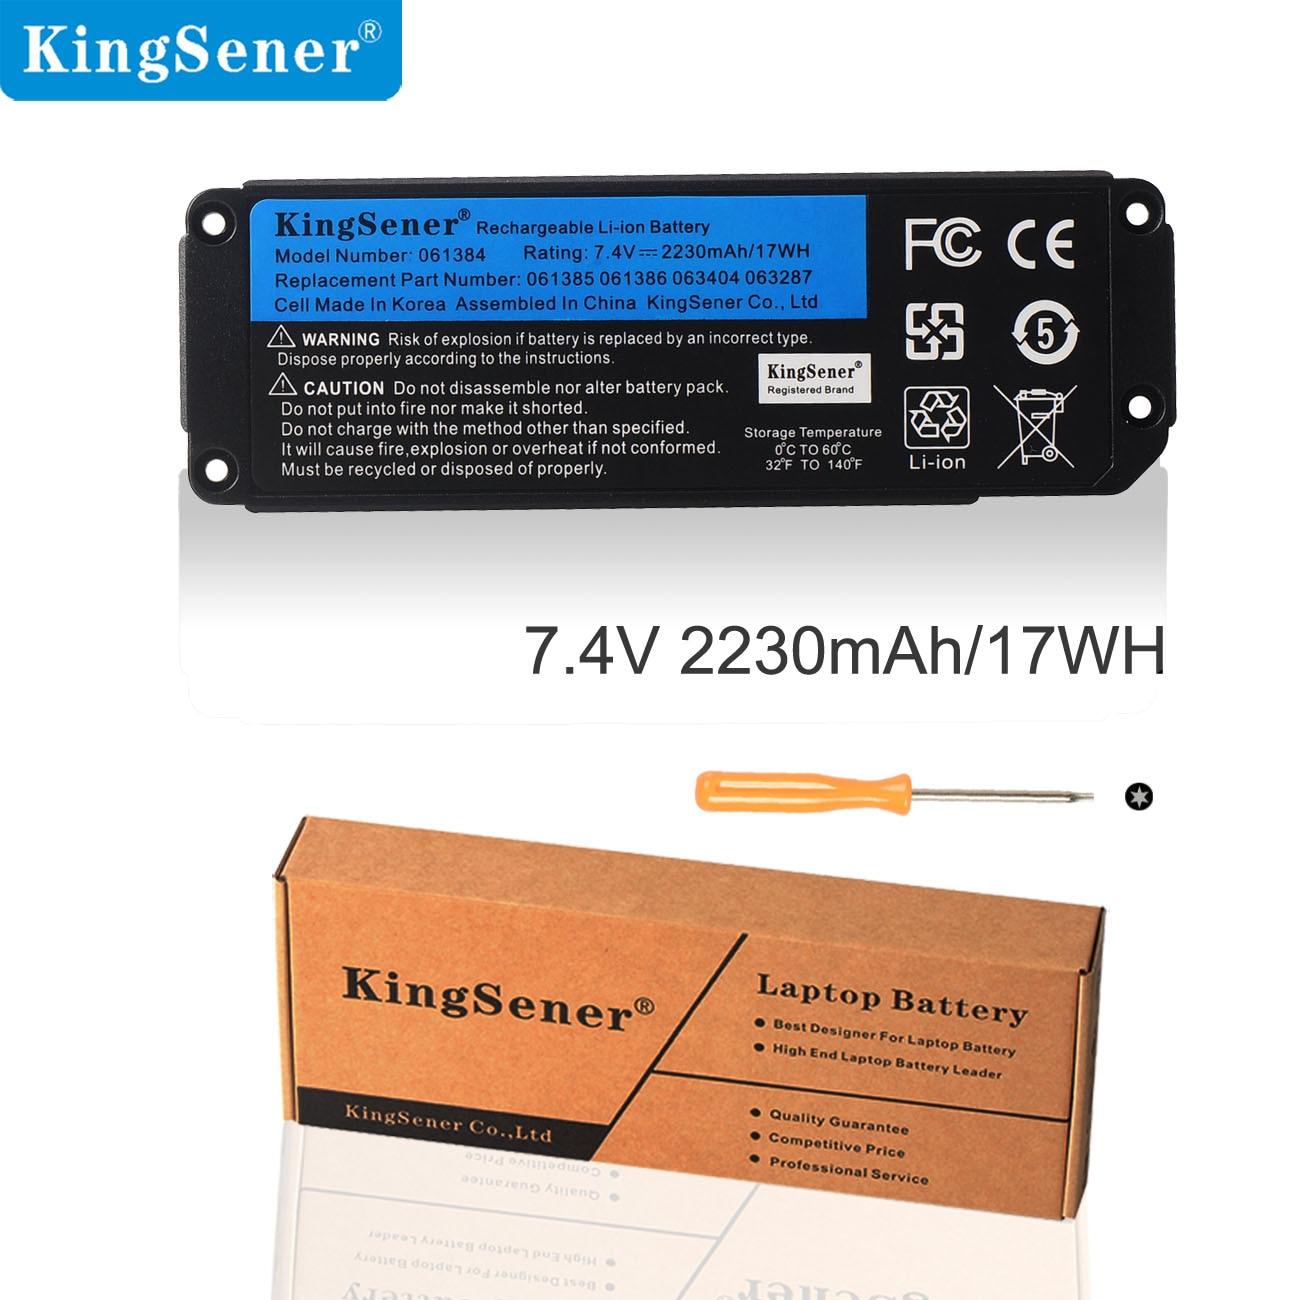 Kingsener 061384 061385 061386 063404 063287 Battery For BOSE SoundLink Mini I Bluetooth Speaker Rechargeable Battery 7.4V 17WH